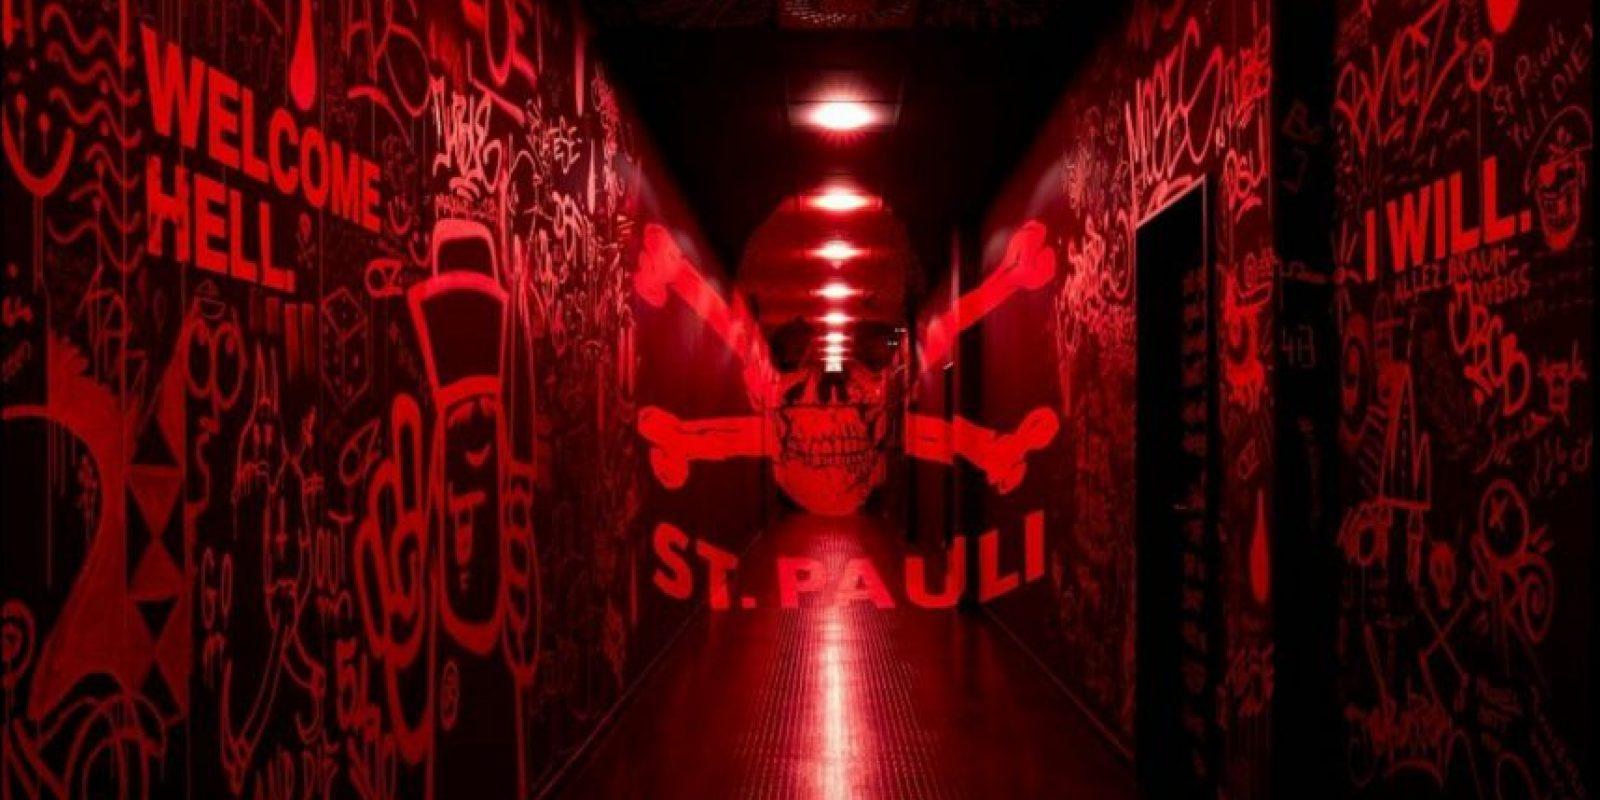 Además, si se prenden las luces rojas, se ven los rayados en las paredes Foto:Facebook St Pauli